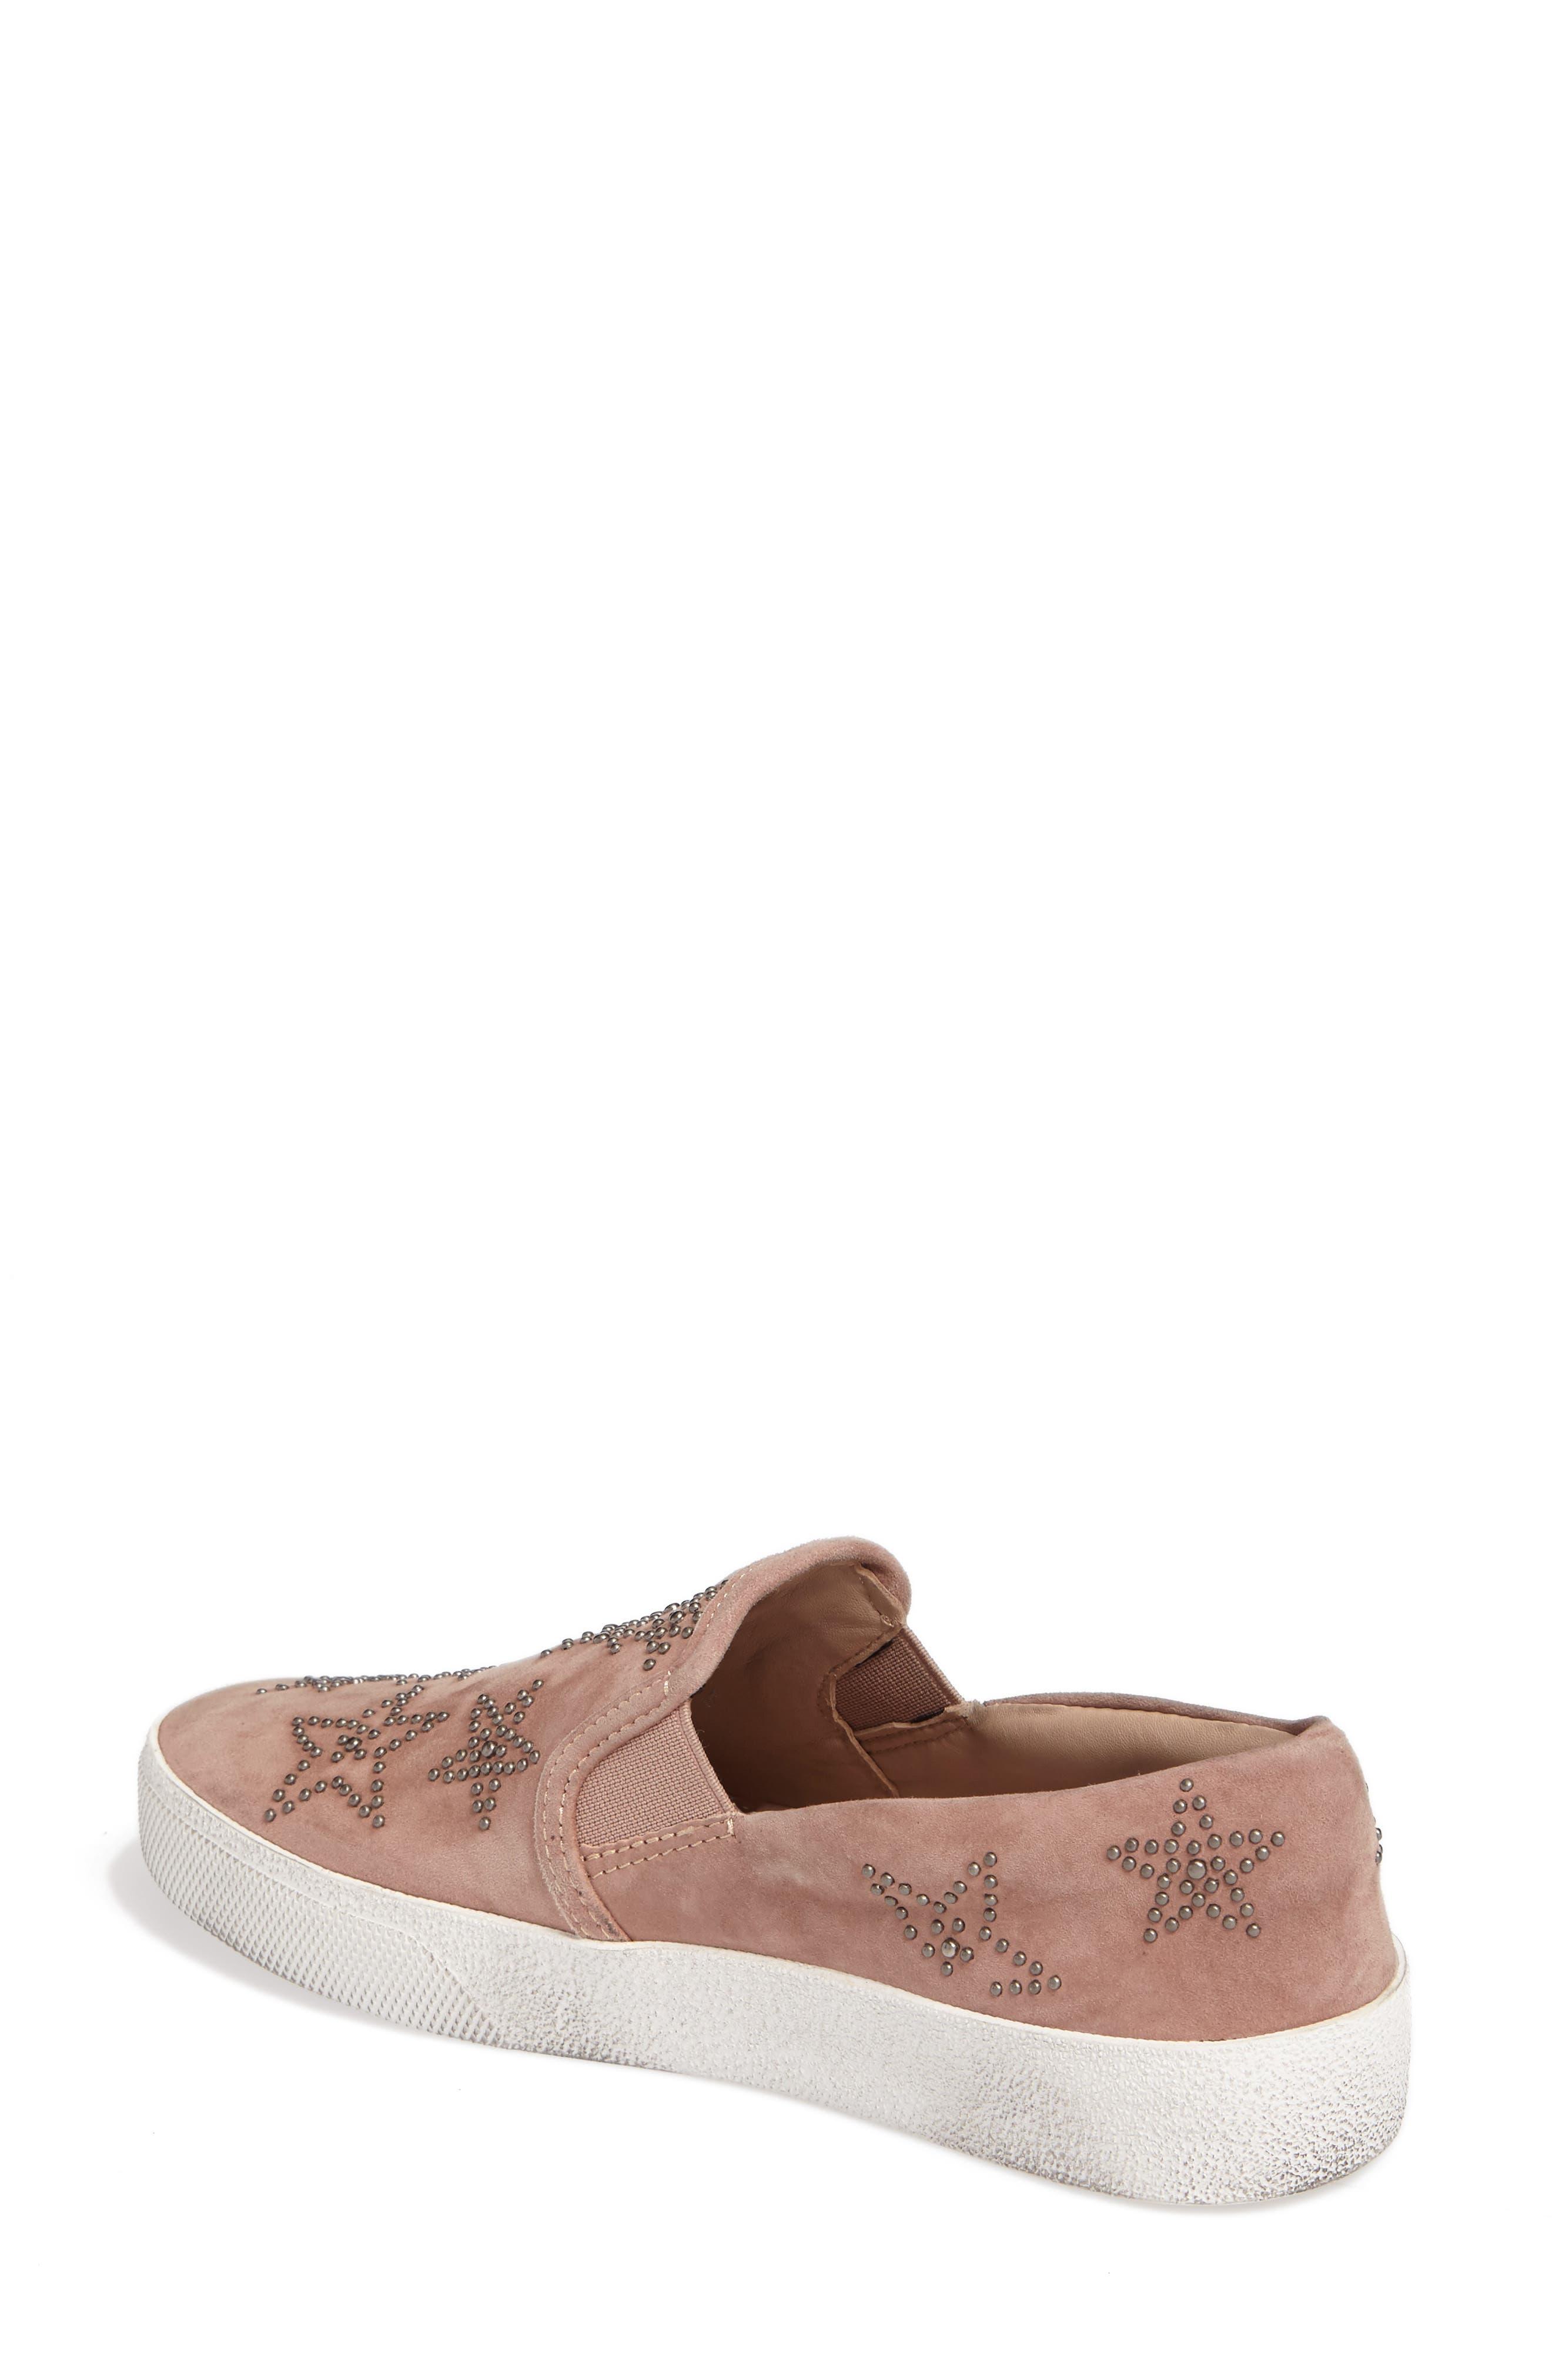 Star Slip-On Sneaker,                             Alternate thumbnail 9, color,